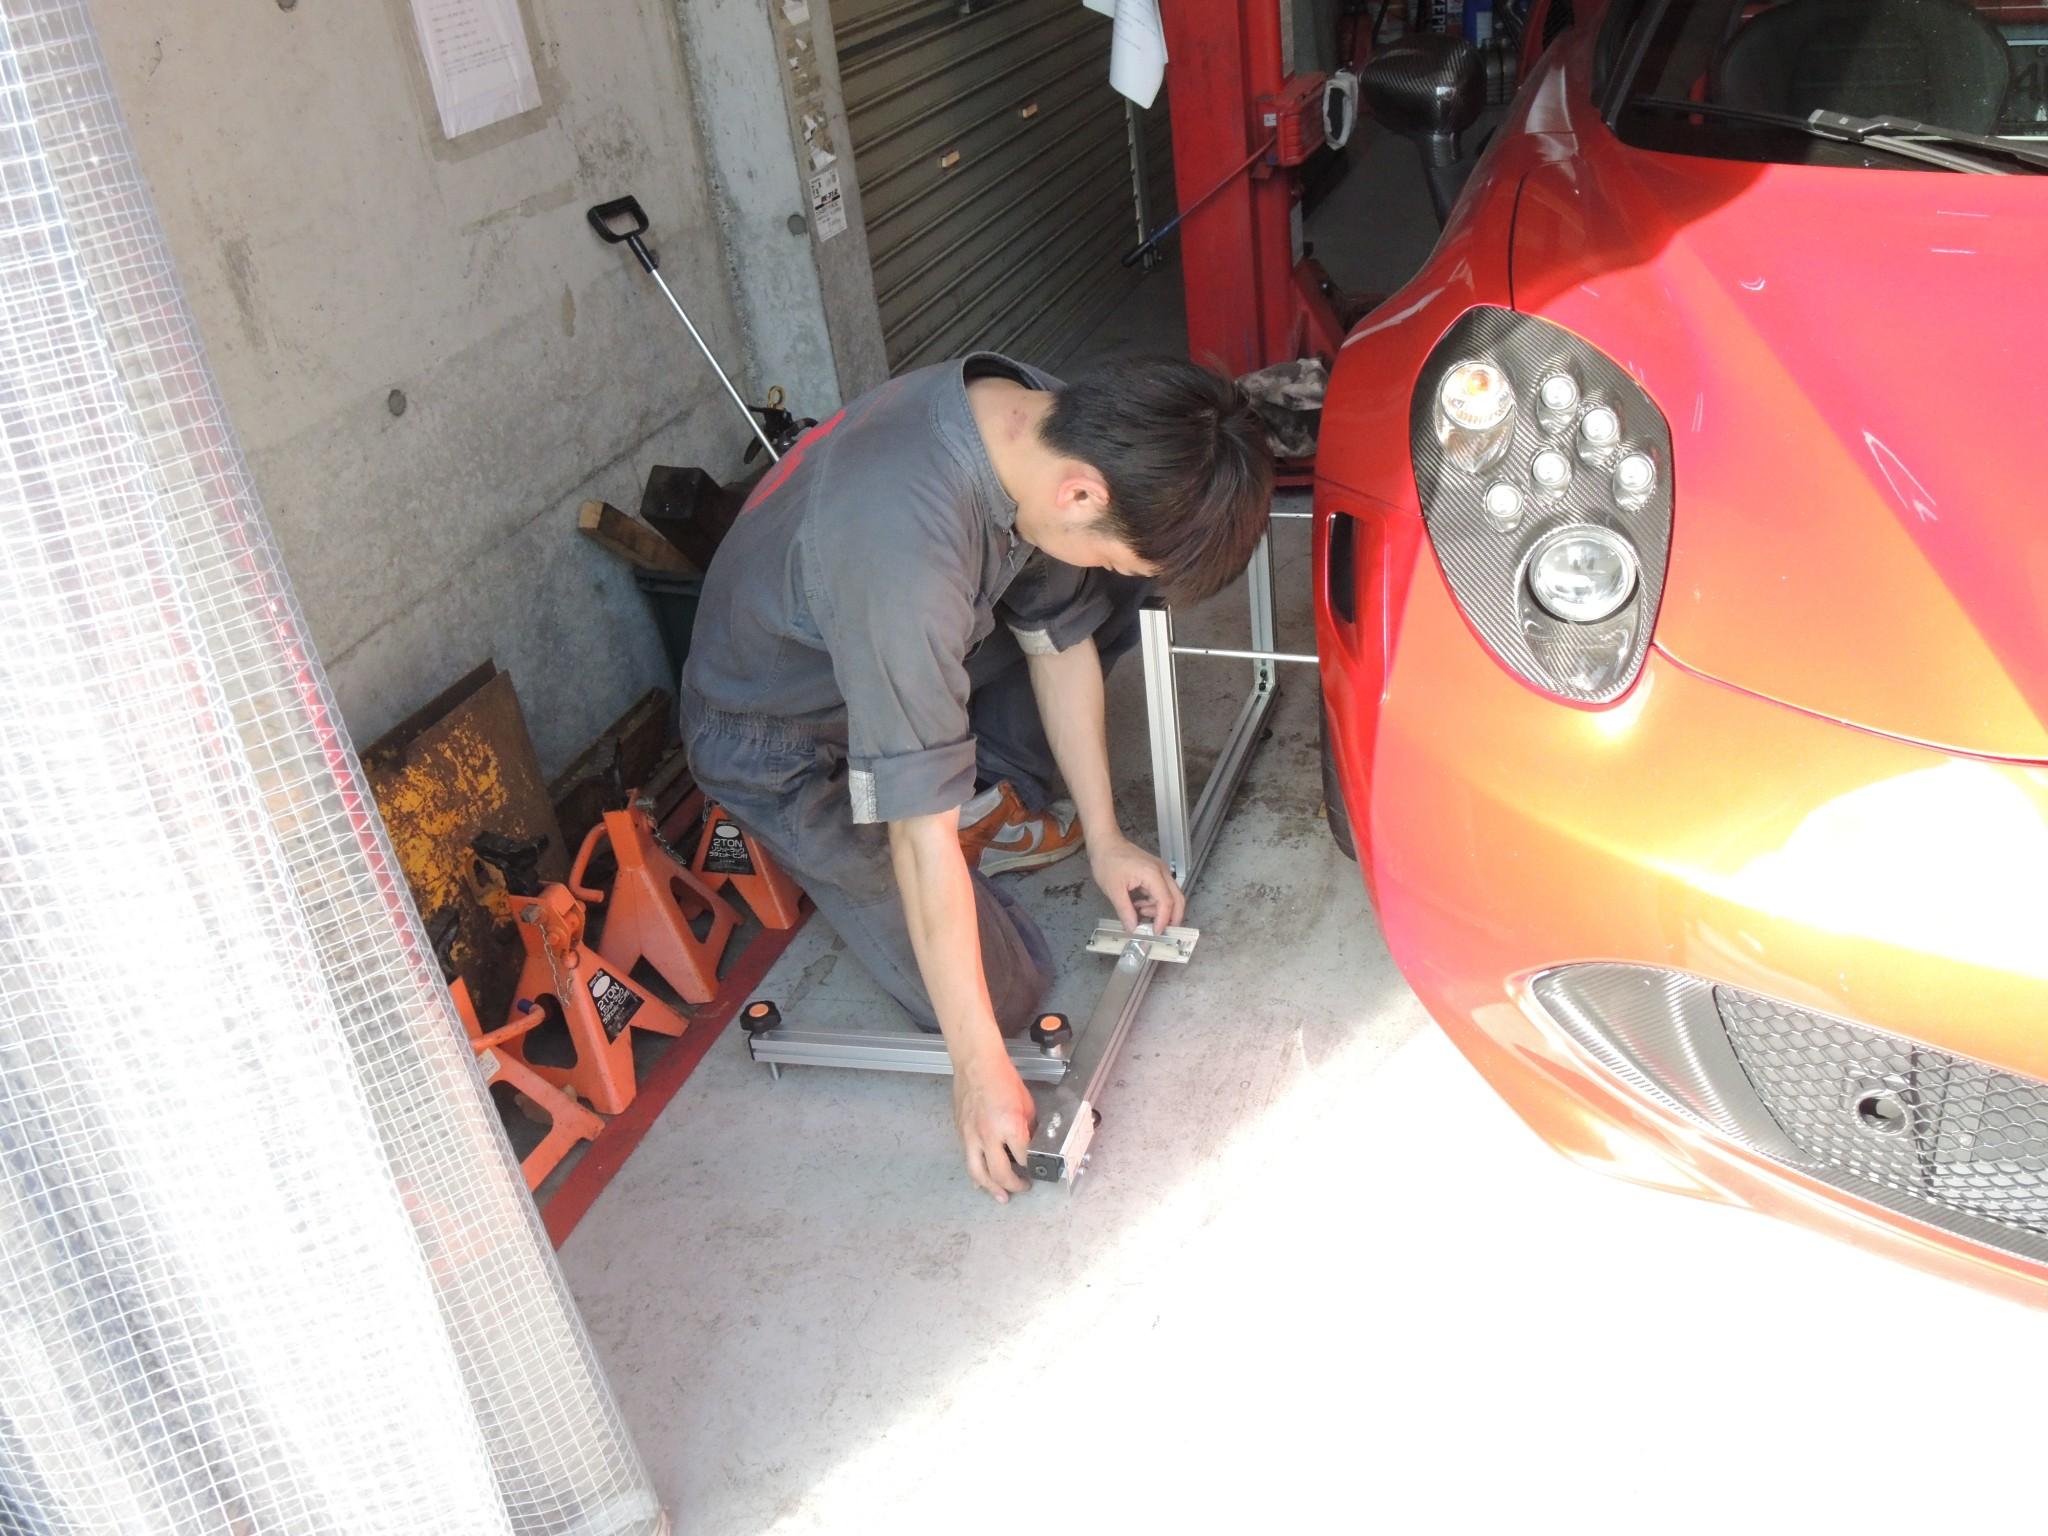 アルファロメオ4Cサーキット走行前メンテナンス ブレーキパッド交換ブレーキディスクローター研磨アライメント調整 (5)